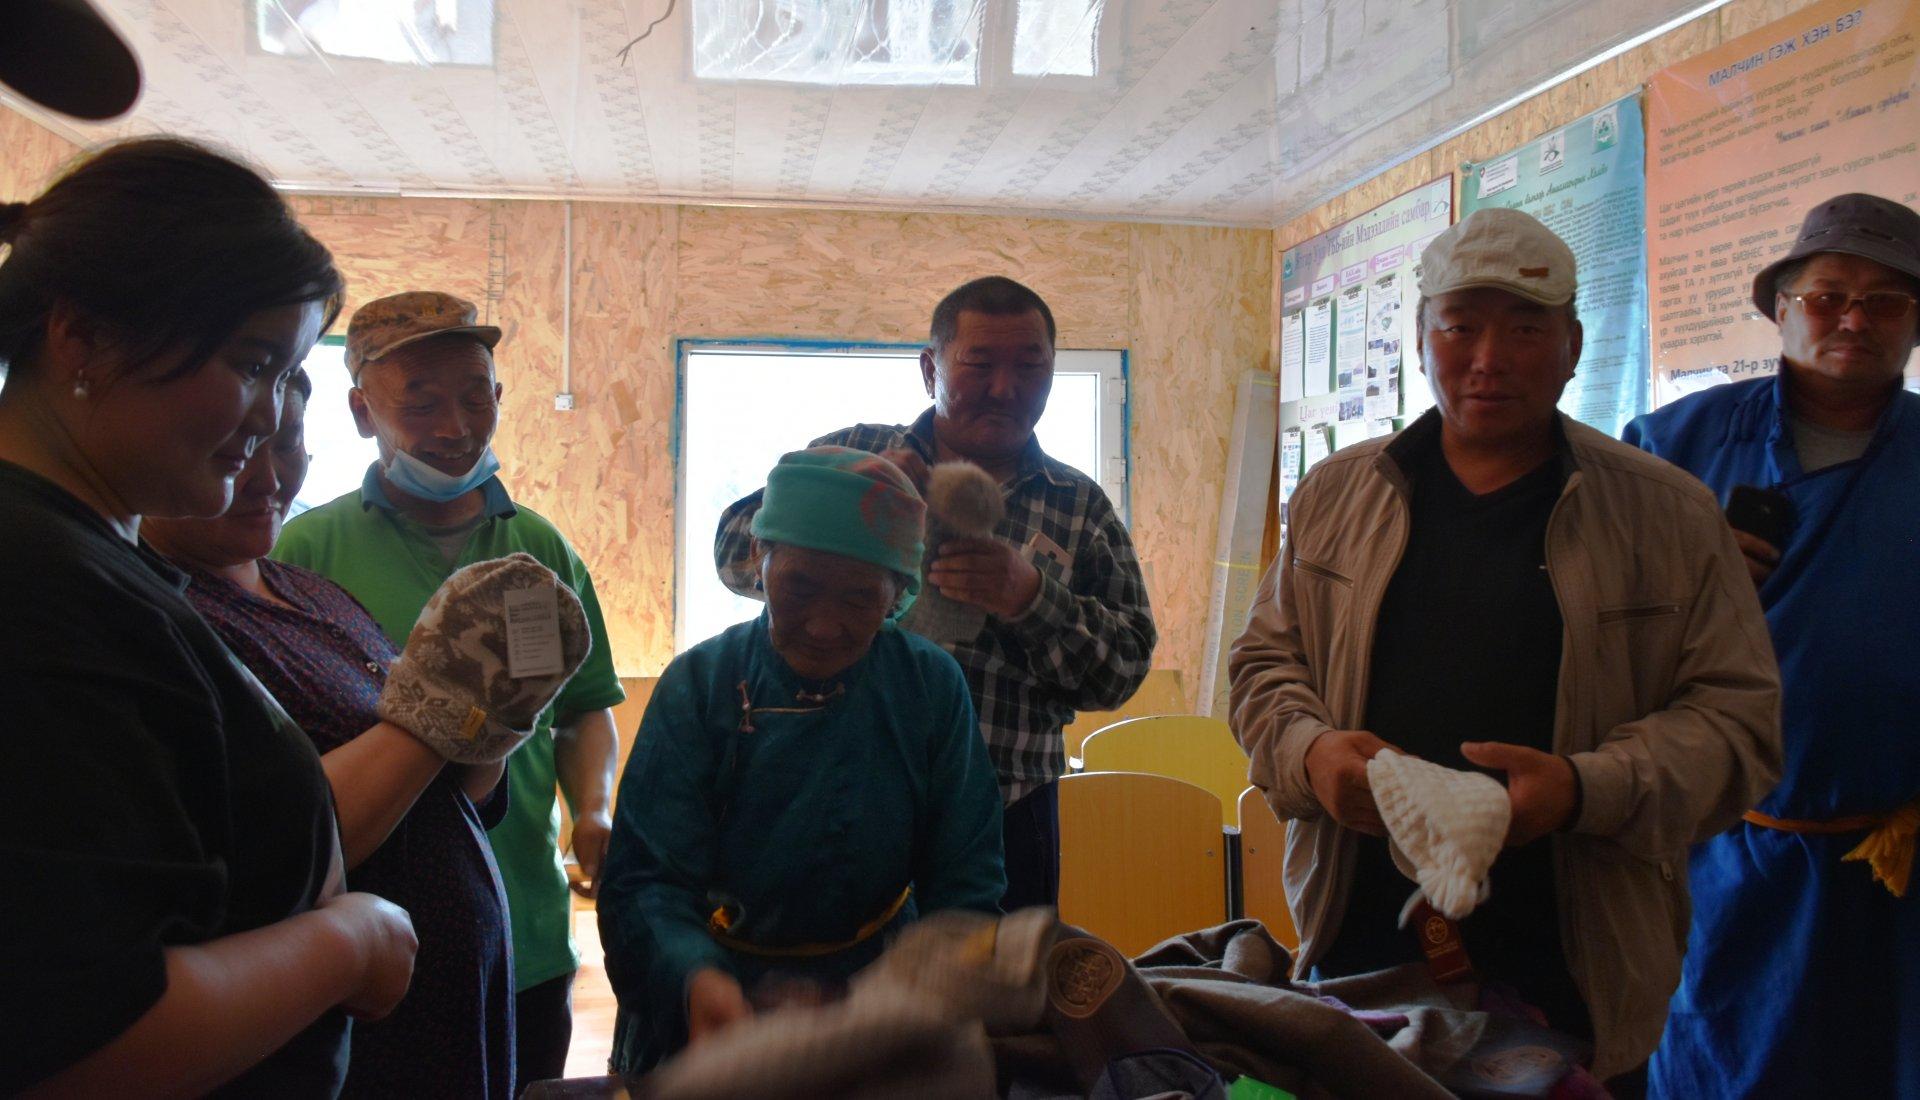 Үйлдвэрлэгч болон малчдын хамтын ажиллагаа бэхжиж байна